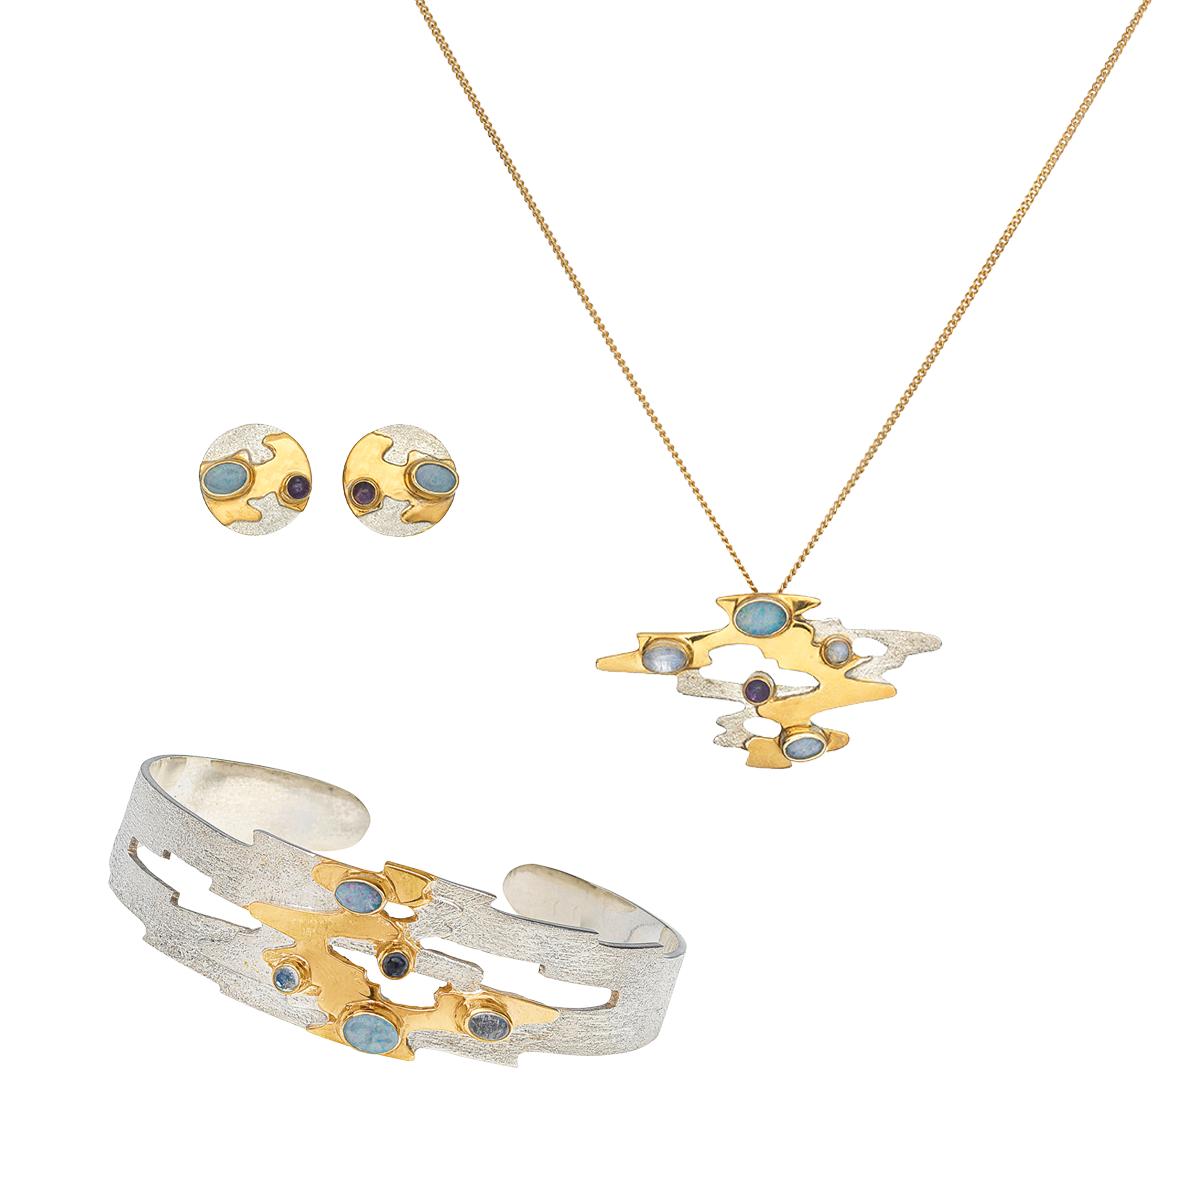 Luxus-accessoires Edler SchlÜsselanhÄnger Paul Vergoldet Gold Name Keychain Weihnachtsgeschenk Elegante Form